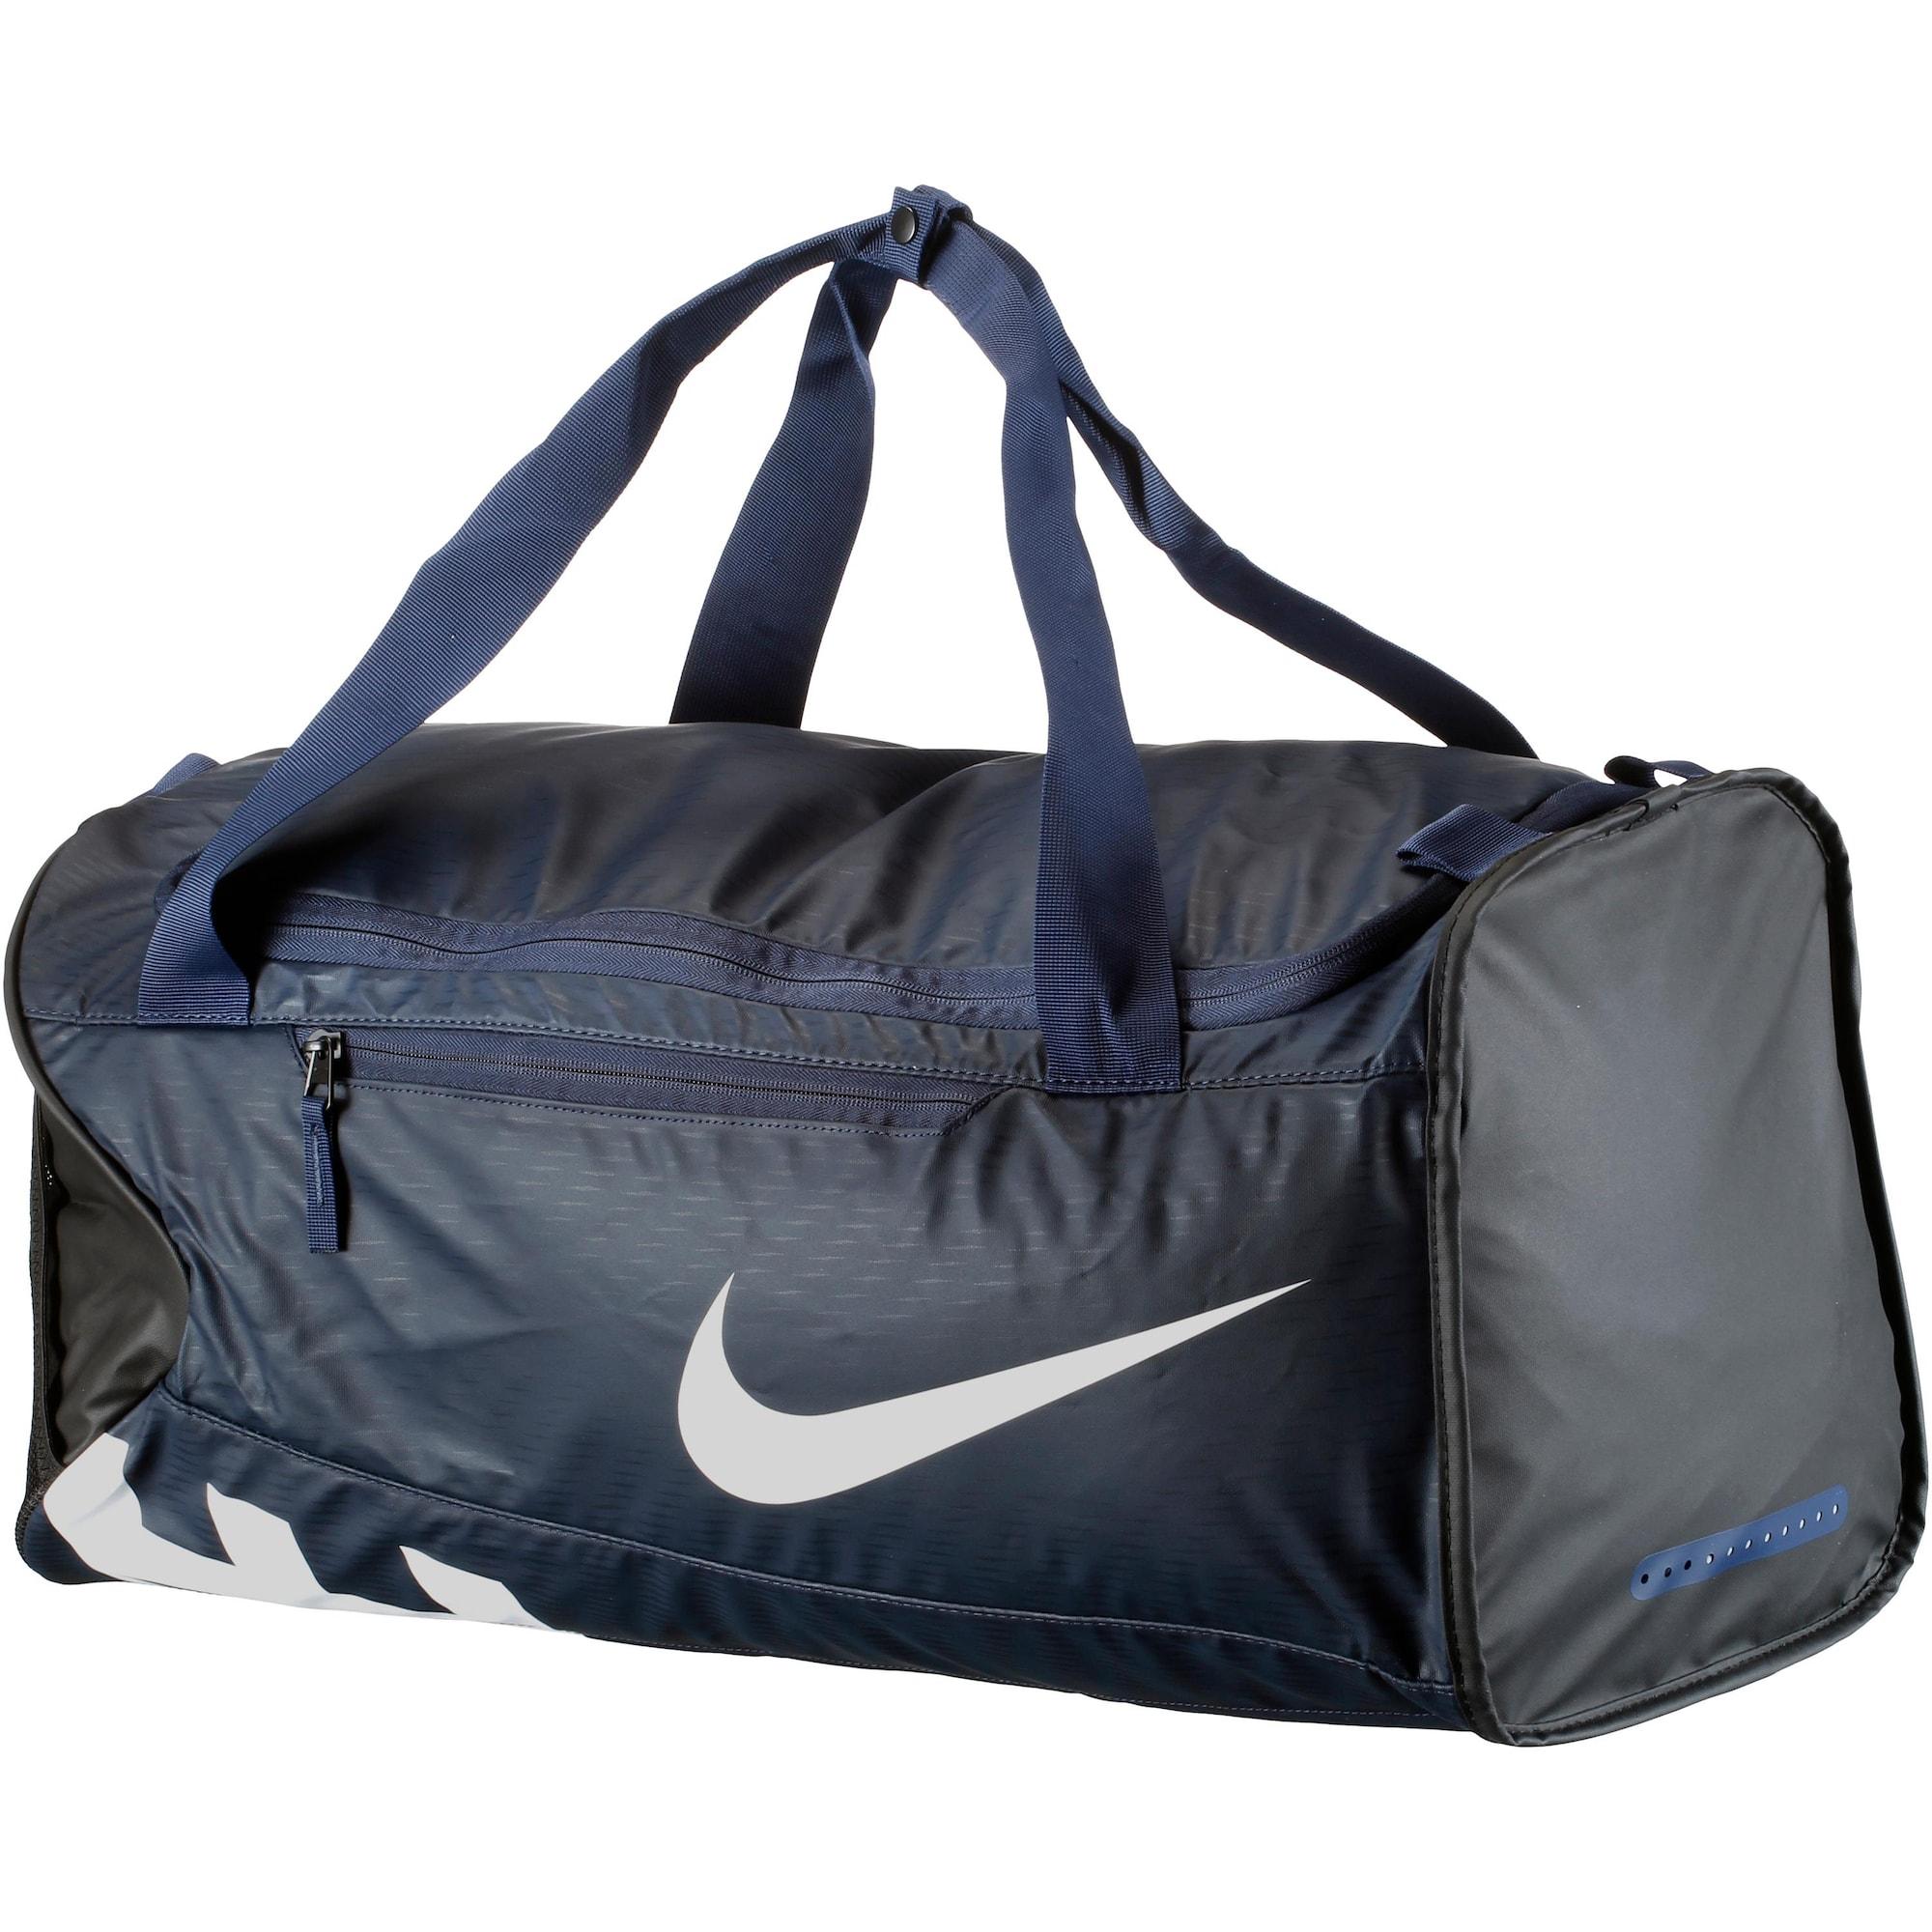 ef7743d4e1b43 Rabatt-Preisvergleich.de - Sport   Fitness   Training   Sporttaschen ...